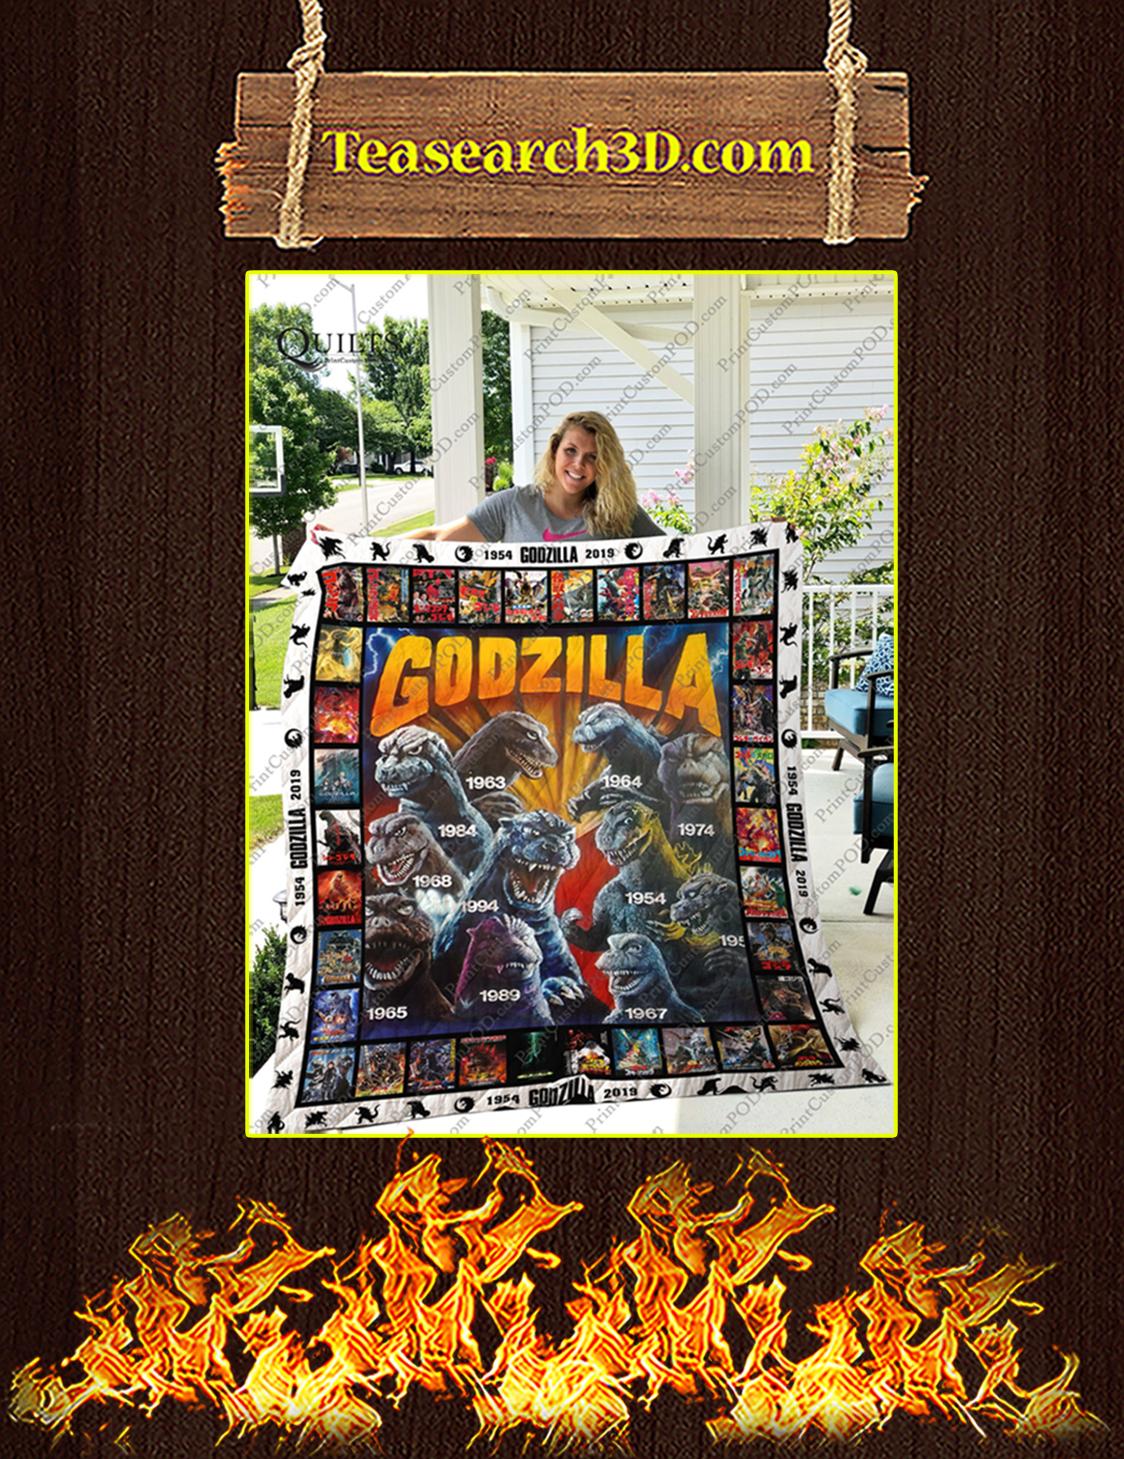 Godzilla quilt blanket queen